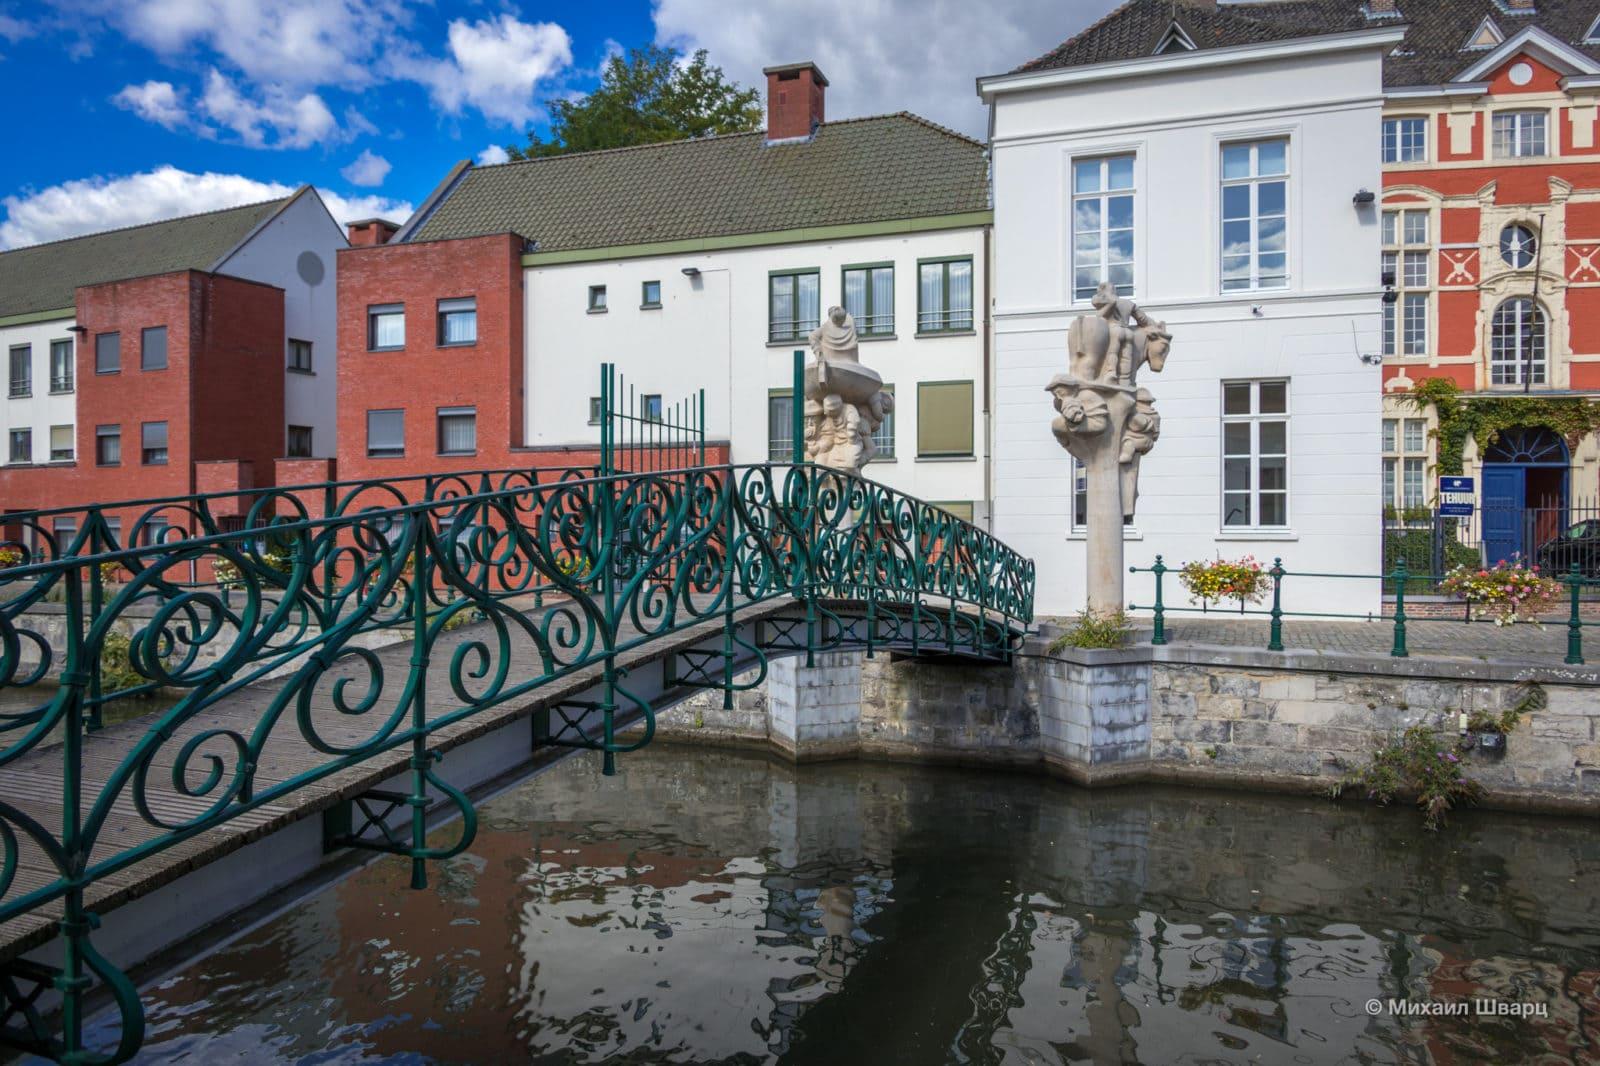 Мост Имперских развлечений (Brug der Keizerlijke Geneugten)